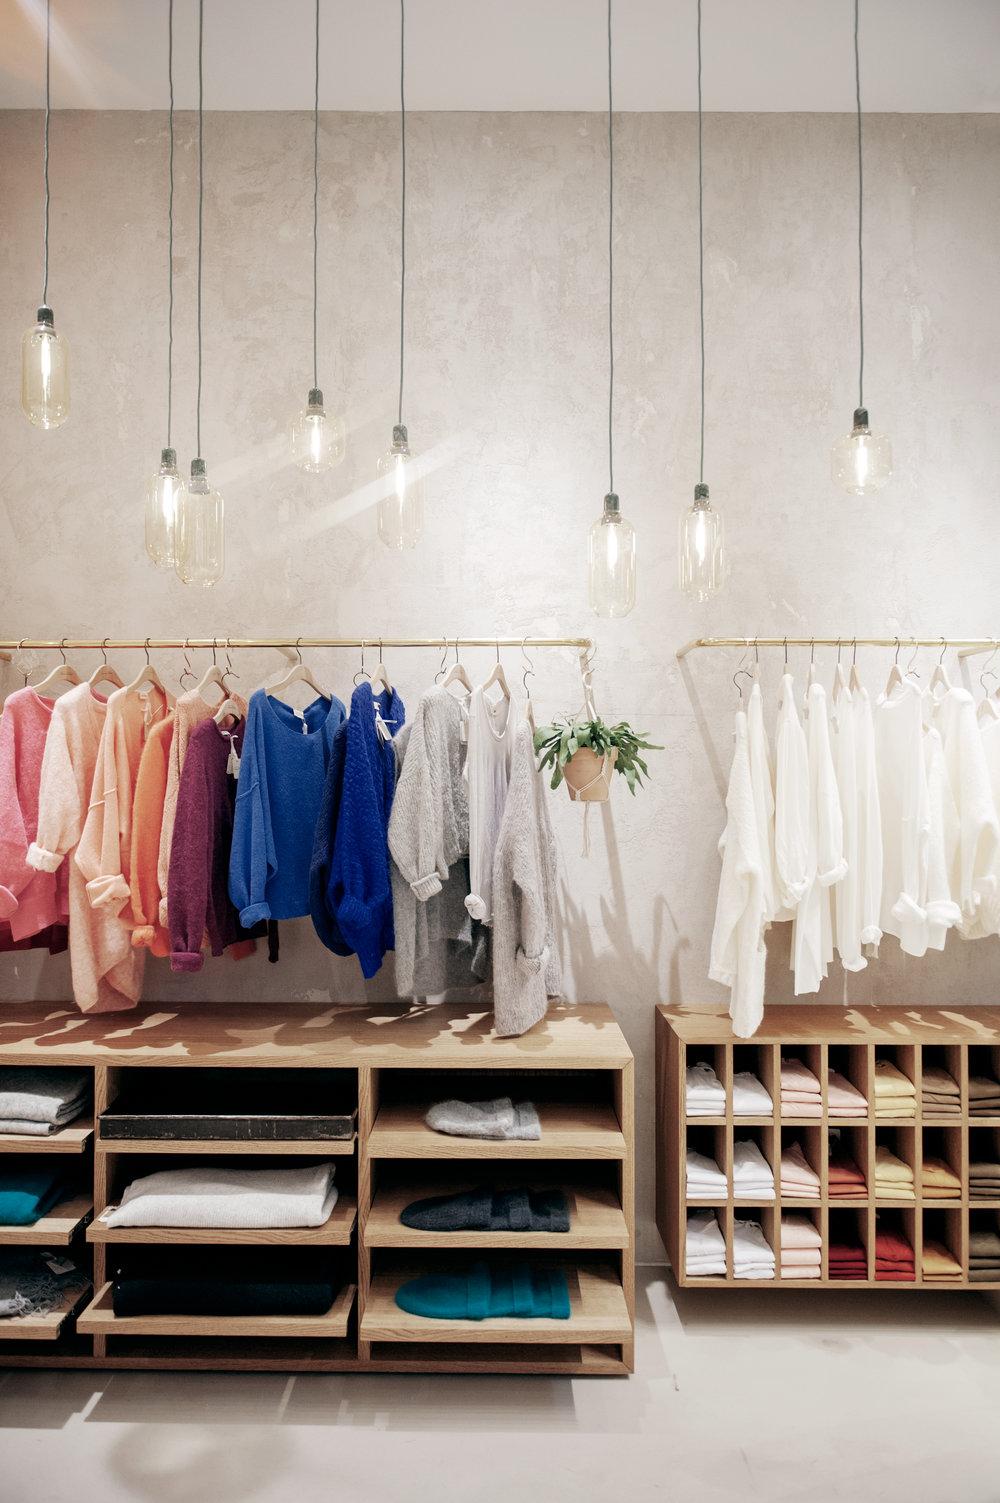 AV_Store_Antwerp_credit_Oona_SMET_4.jpg